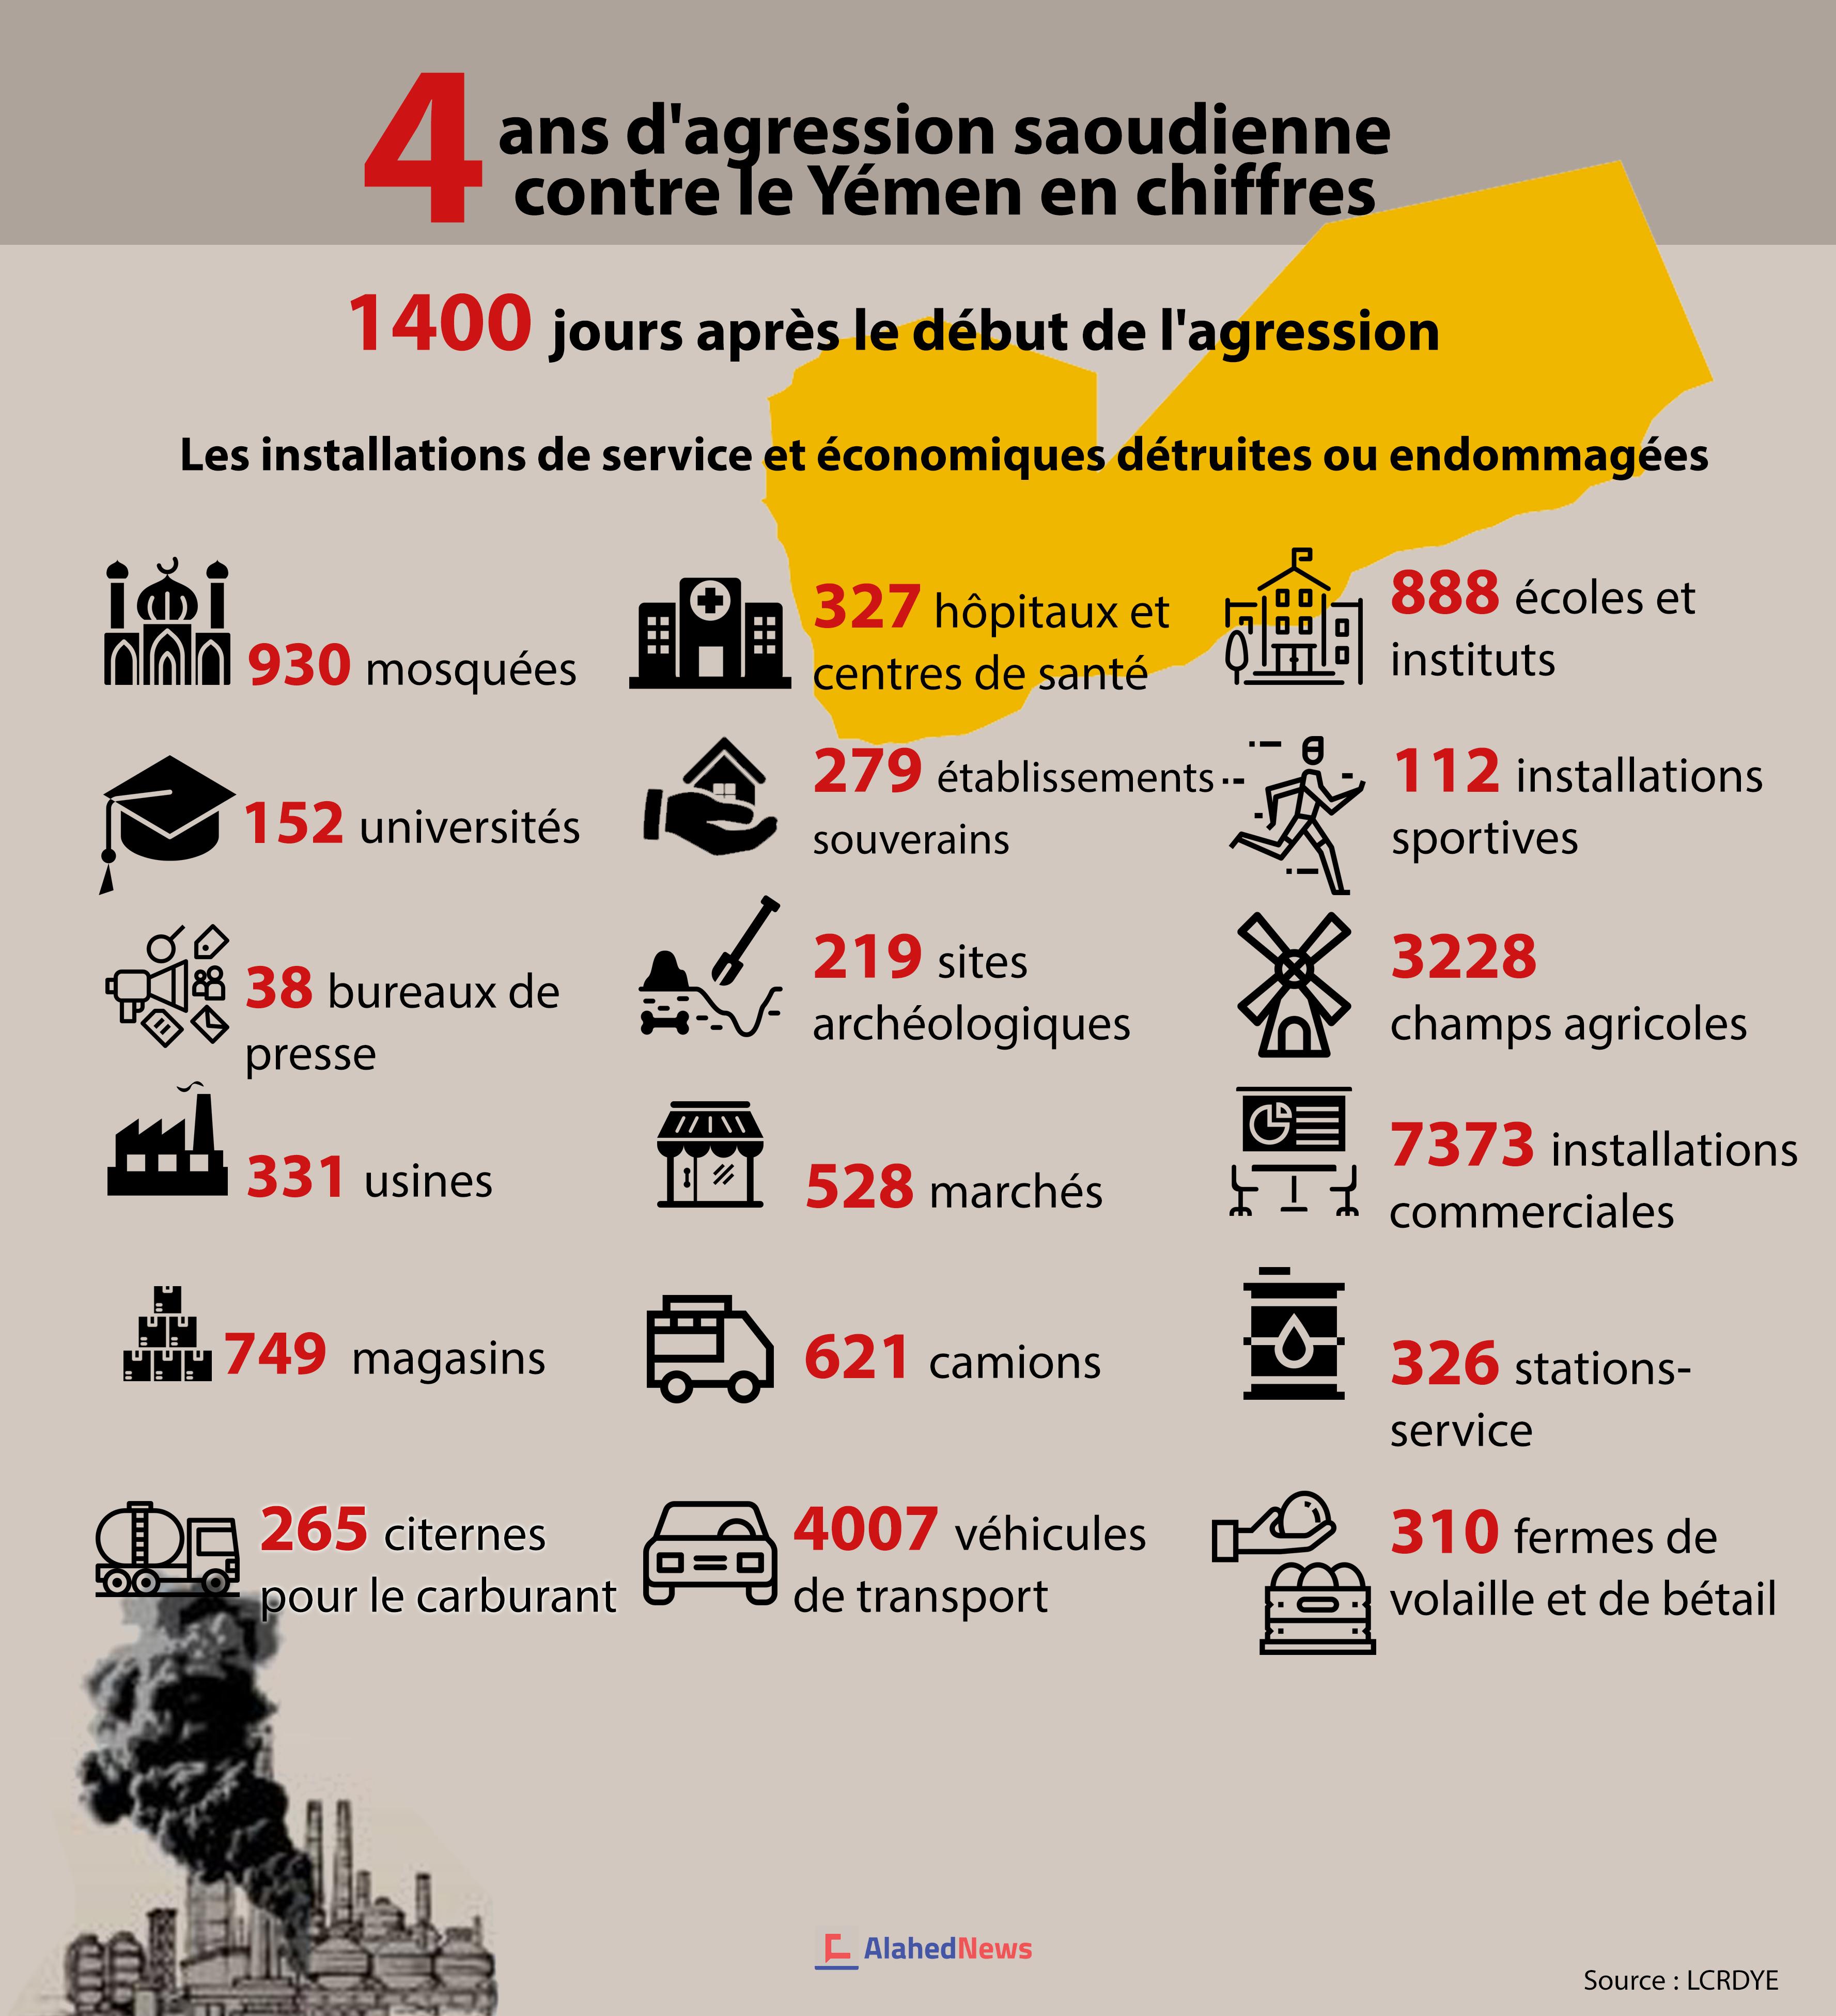 4 ans d'agression saoudienne contre le Yémen en chiffres